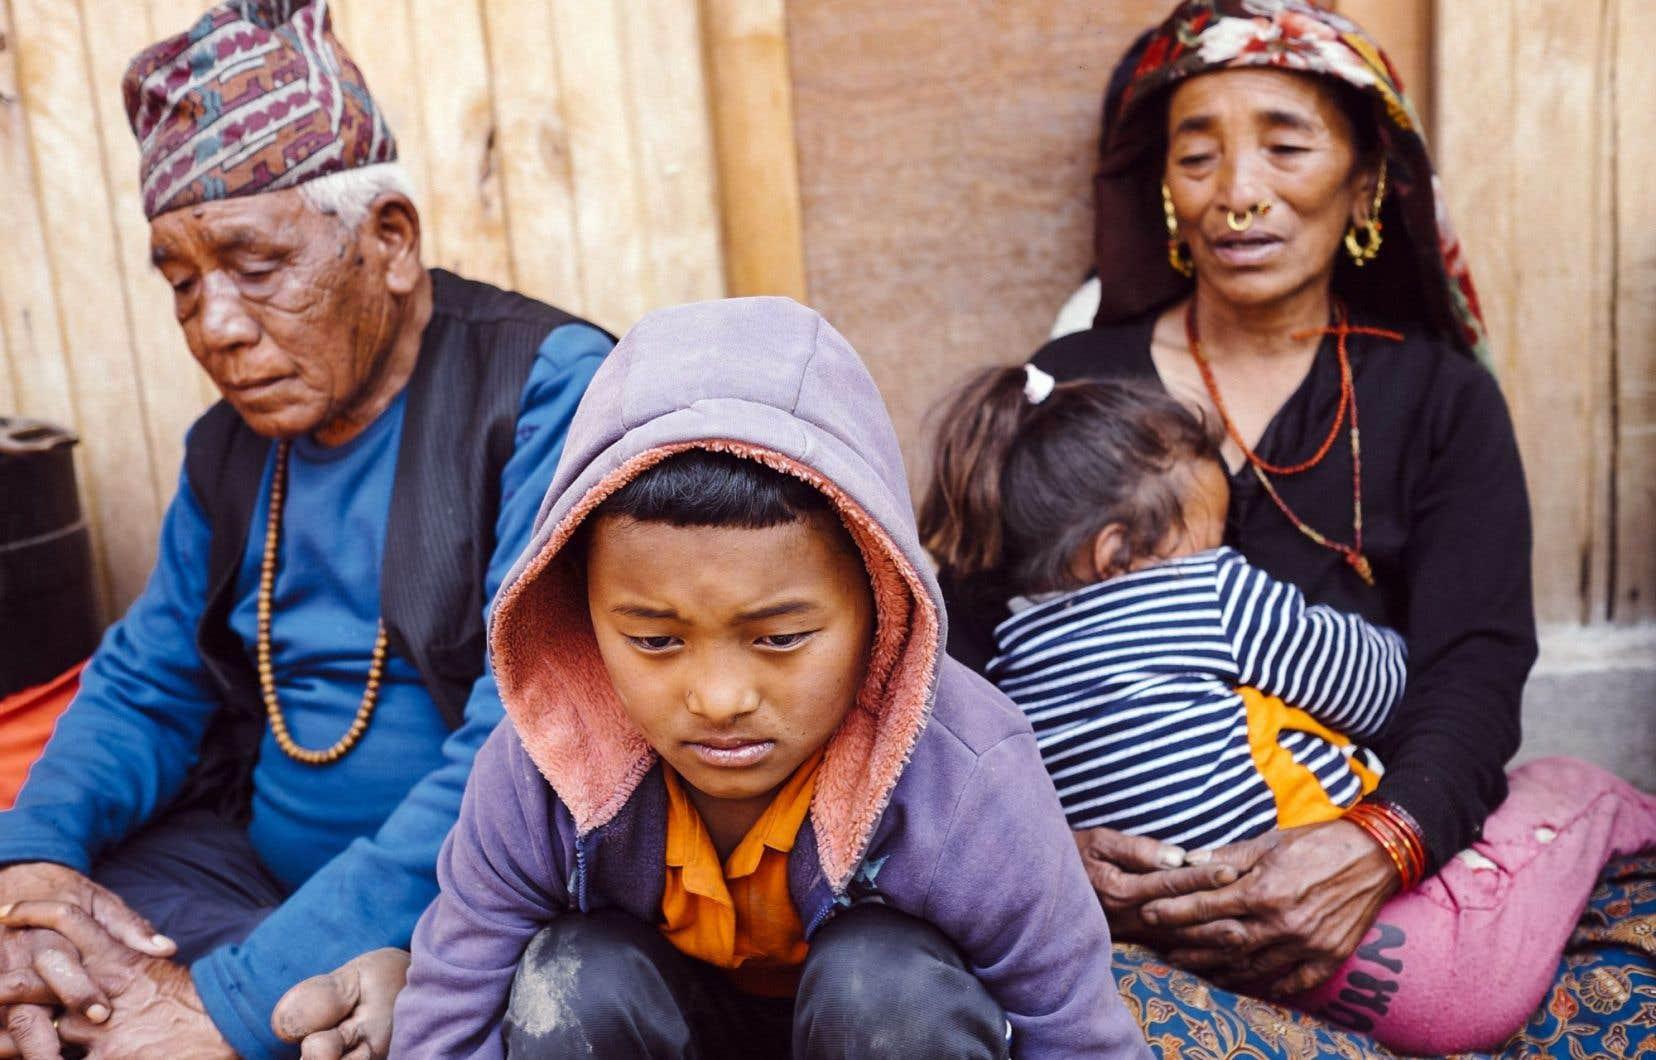 Les habitants de Barpak, un village fortement éprouvé par le séisme du 25 avril, ont encaissé une nouvelle secousse sismique de forte magnitude mardi.